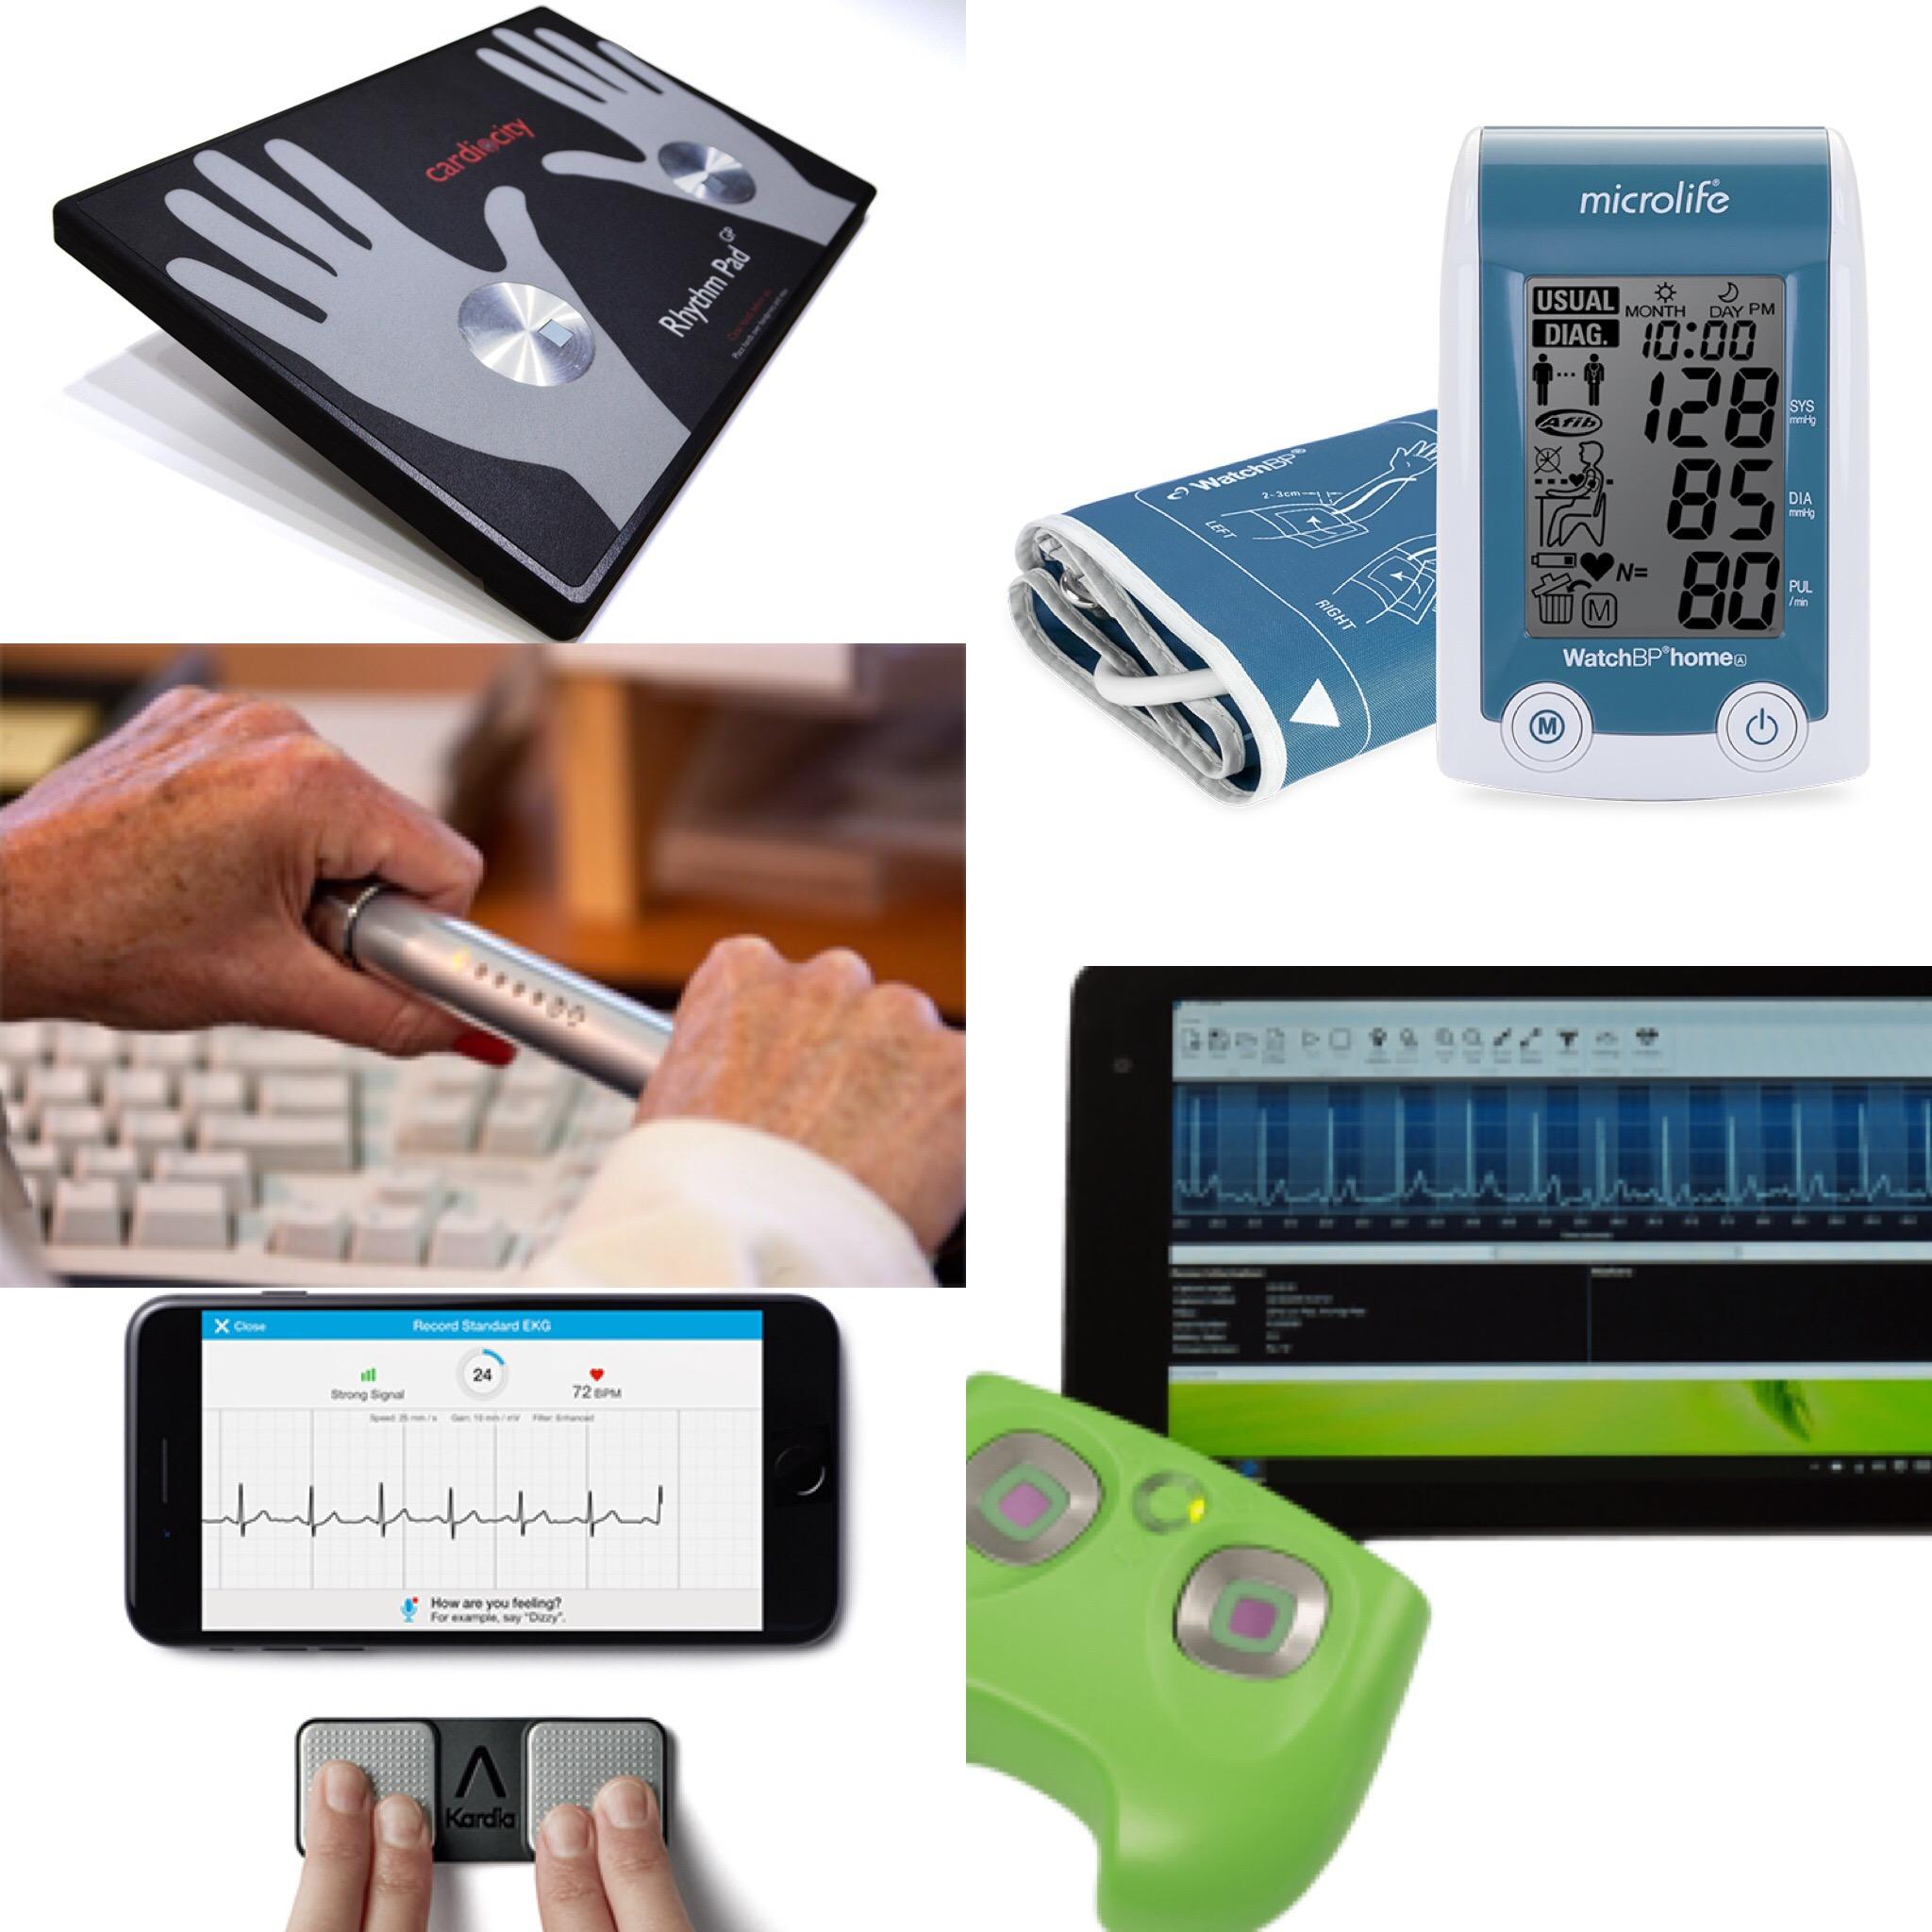 e6b5141e30d5 Blog Archives - Health Innovation Network